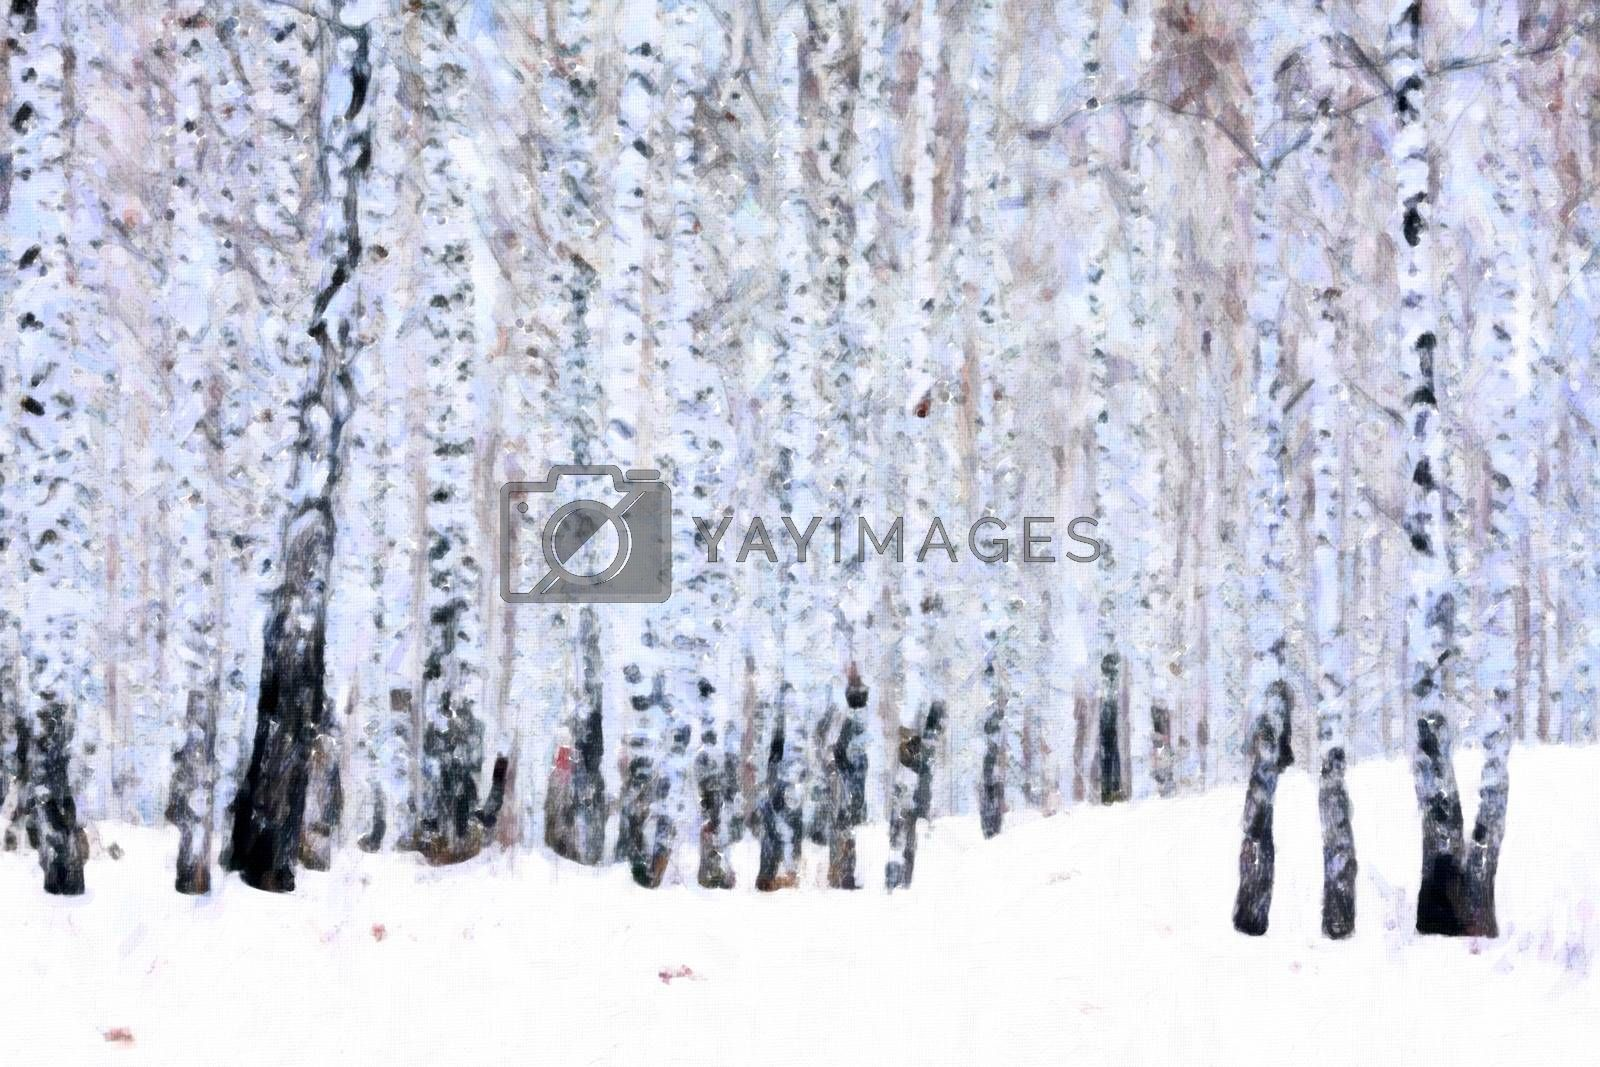 Birch forest in winter, oil paint stylization